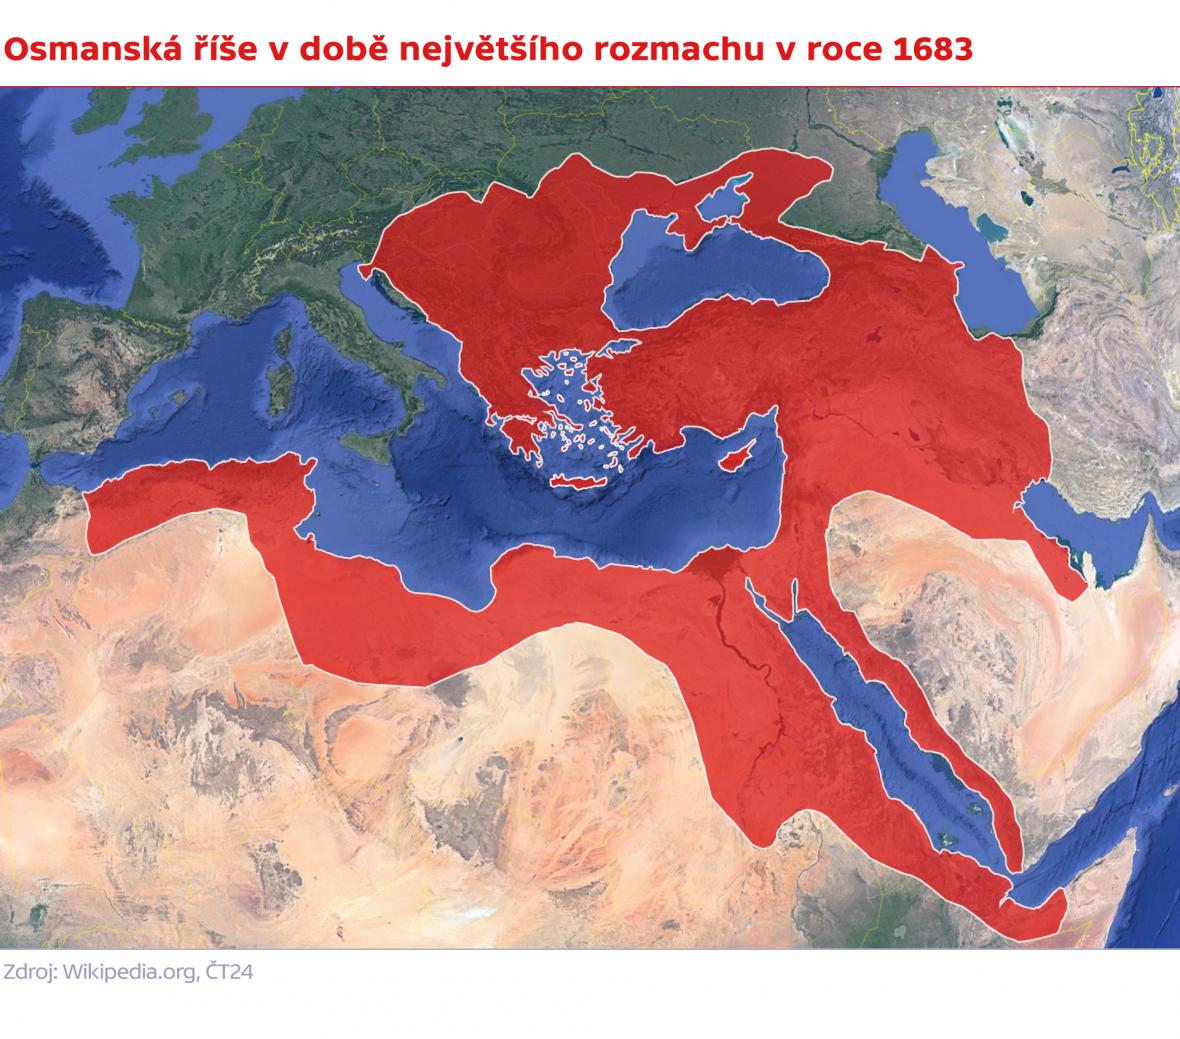 Osmanská říše v největším rozmachu